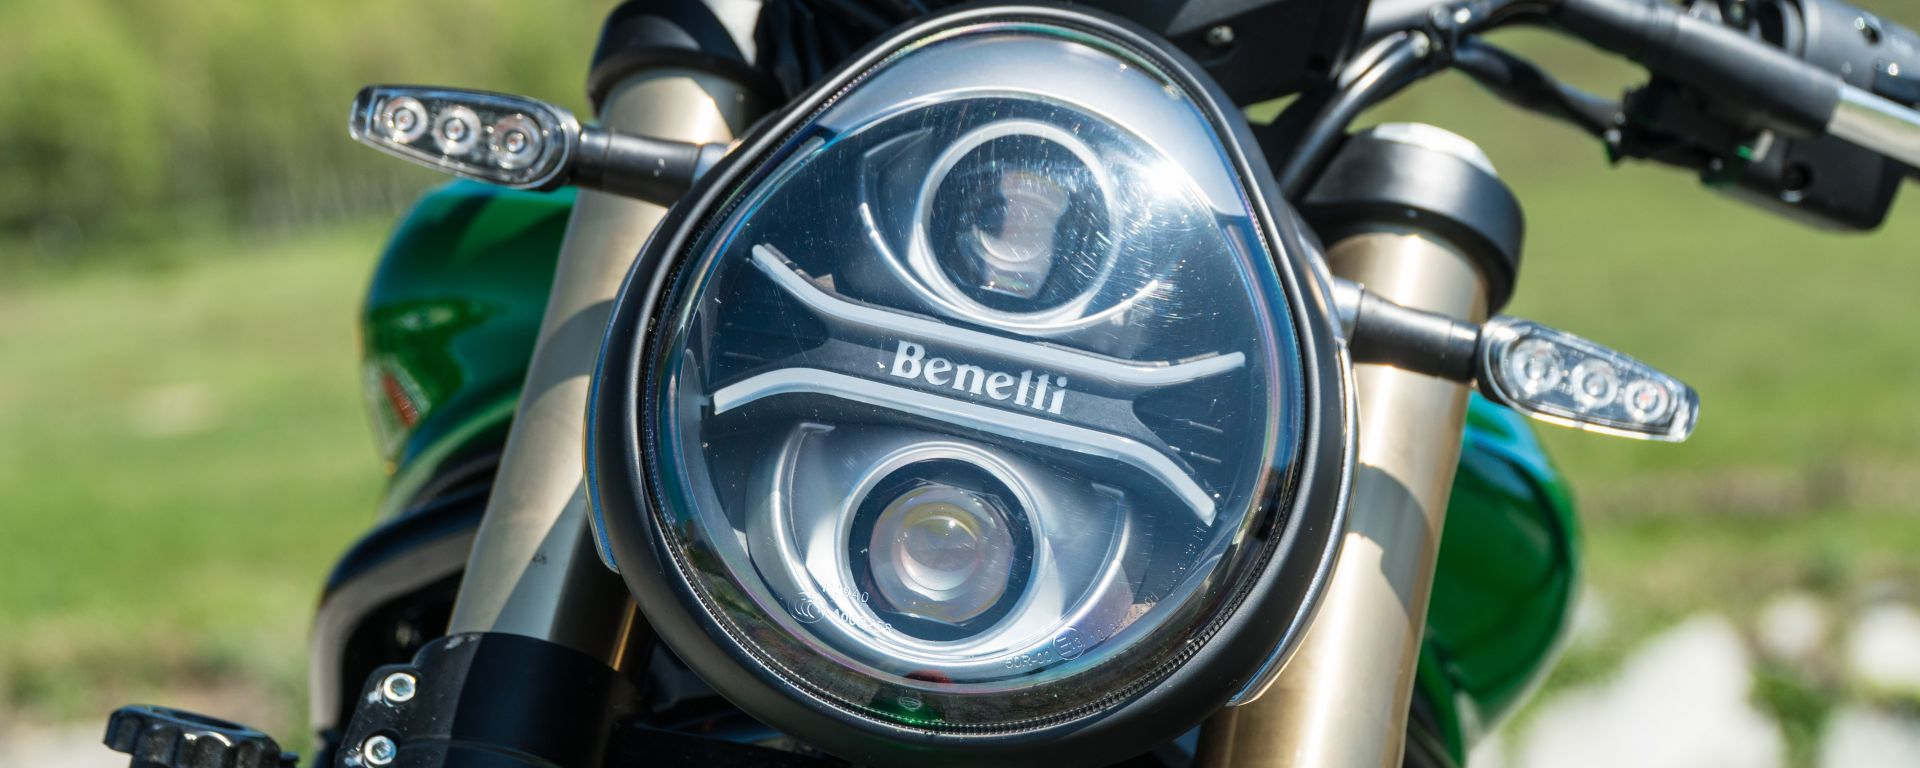 Comparativa naked medie: Benelli 752 S, dettaglio del faro anteriore